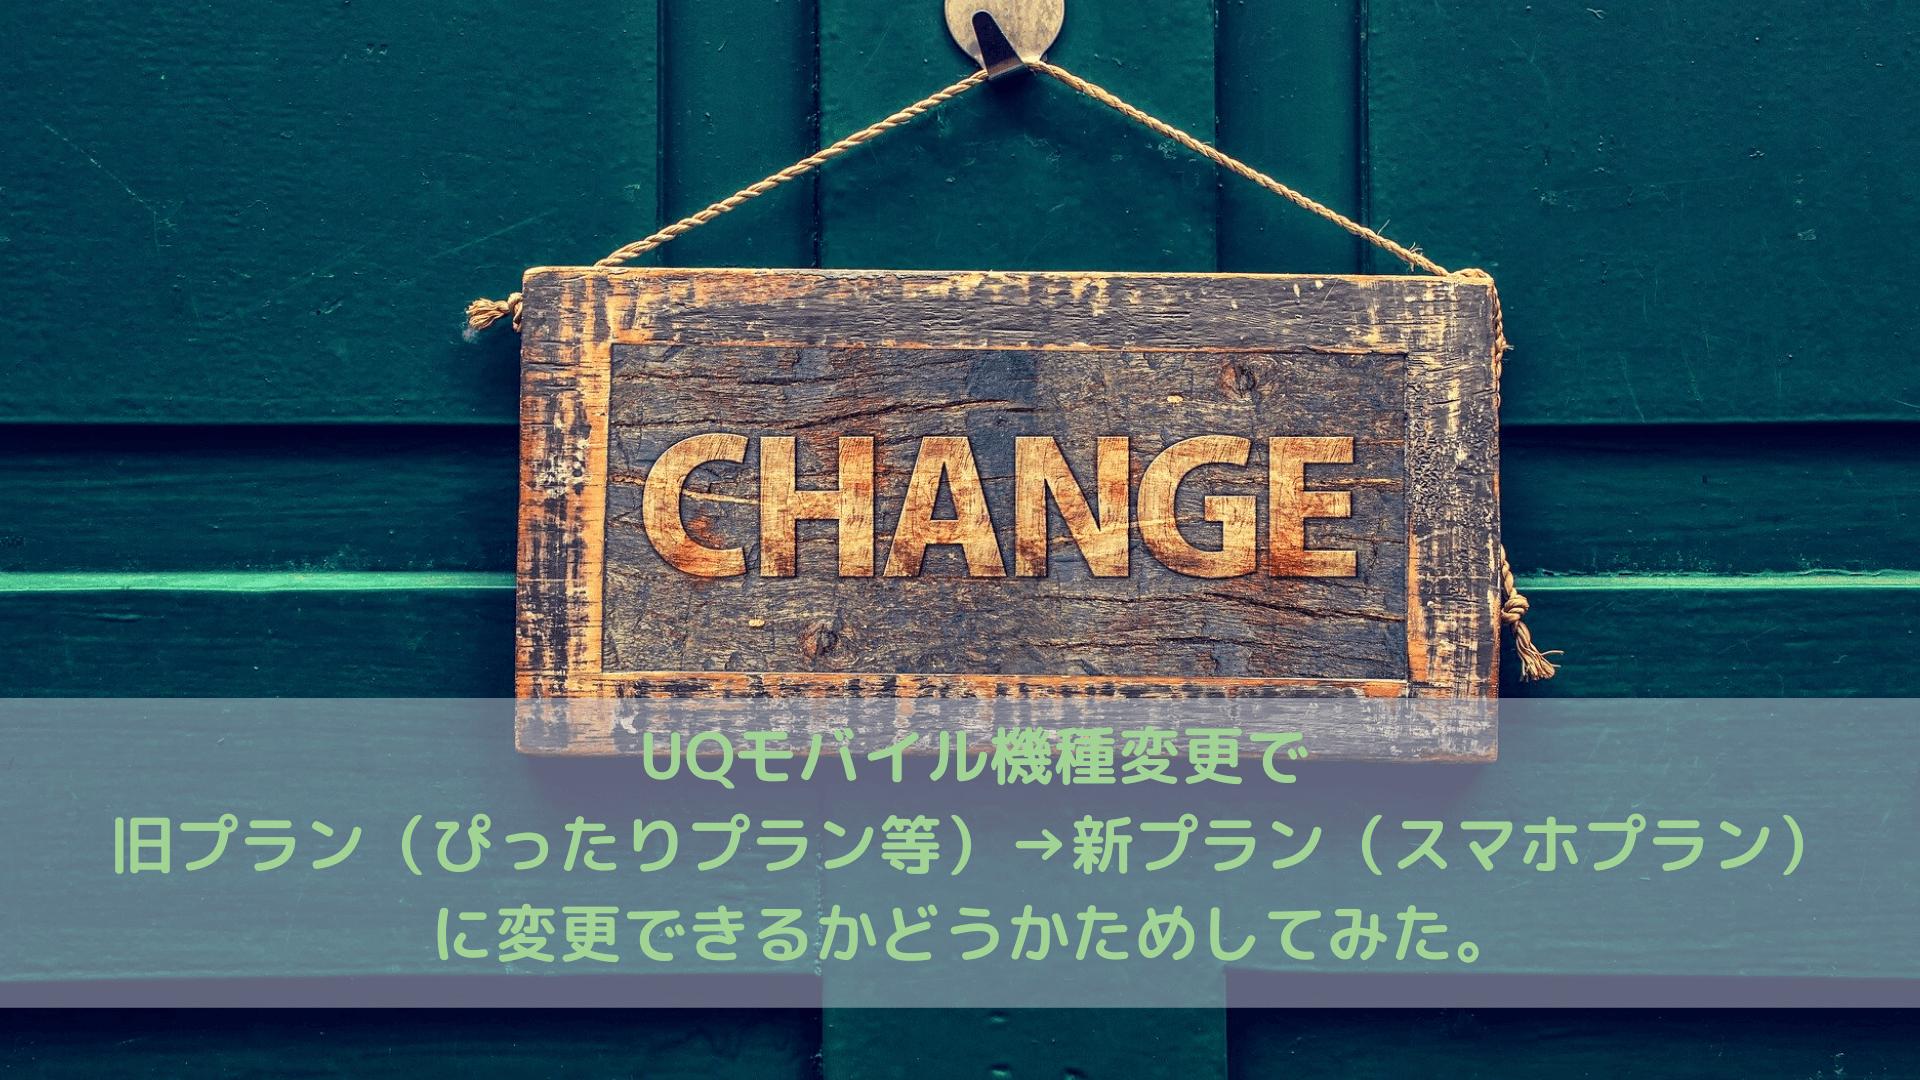 UQモバイル機種変更で旧プラン(ぴったりプラン等)→新プラン(スマホプラン)に変更できるかどうかためしてみた。